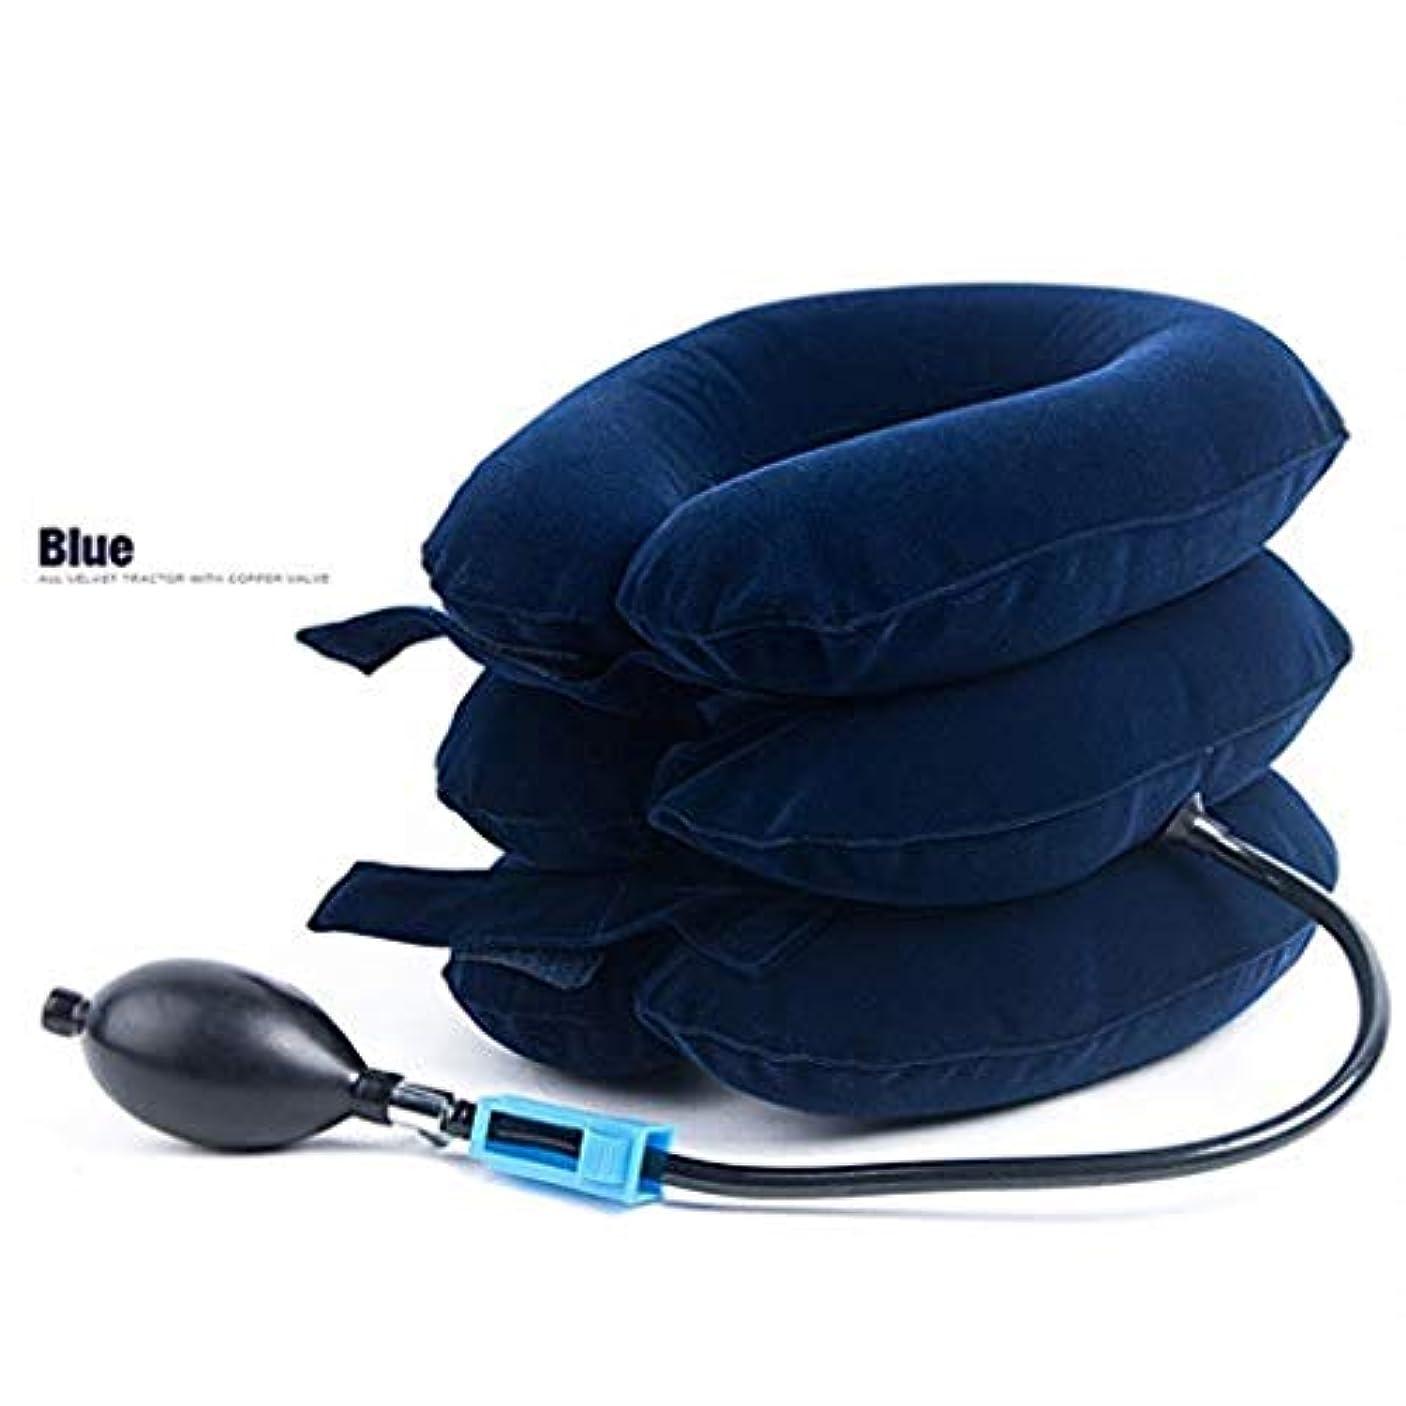 不一致権利を与えるセッション首のマッサージャー、膨脹可能なマッサージの首の枕、頚部頚部牽引装置、背部/肩の首のマッサージャー、ヘルスケア (Color : Biue)